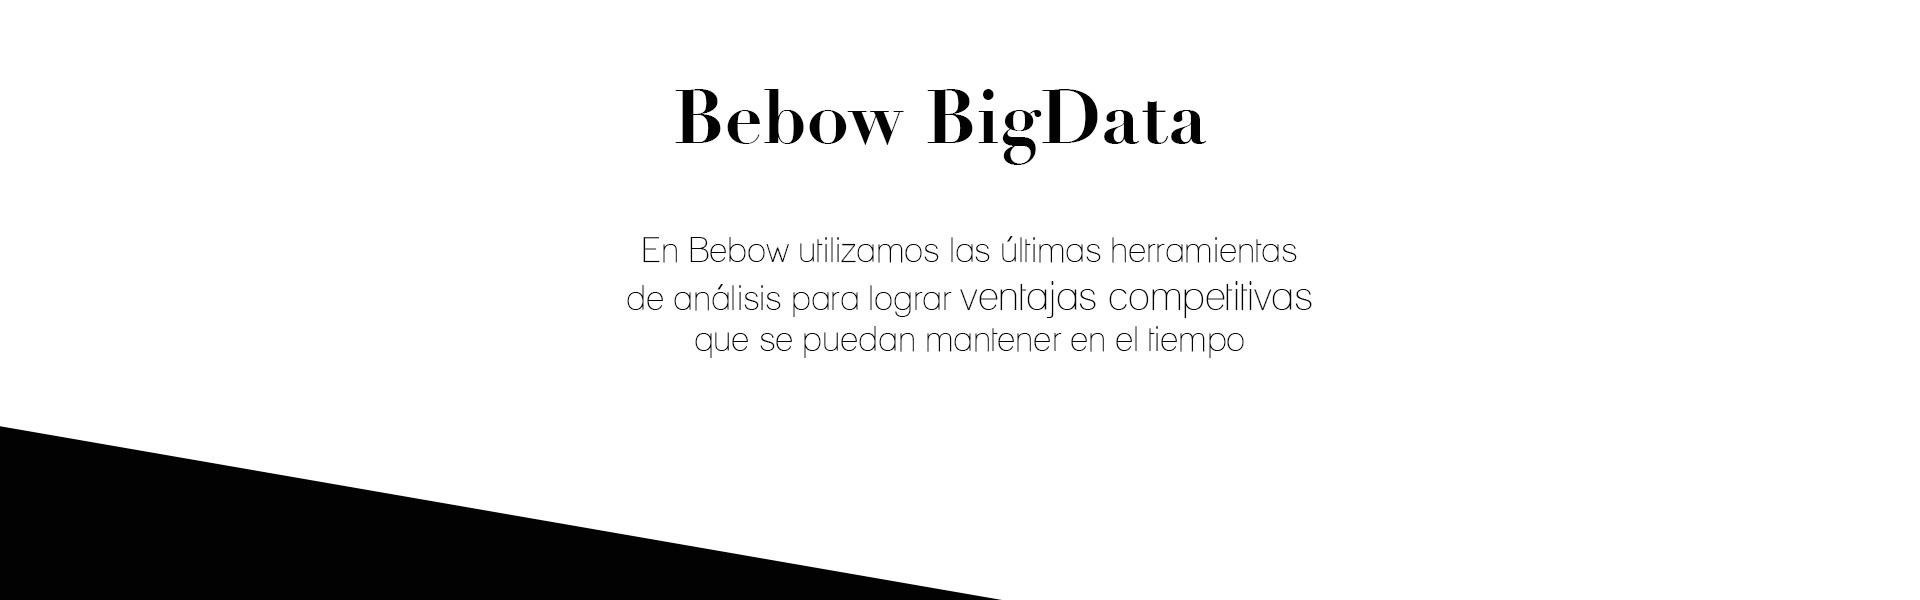 bebowslider3